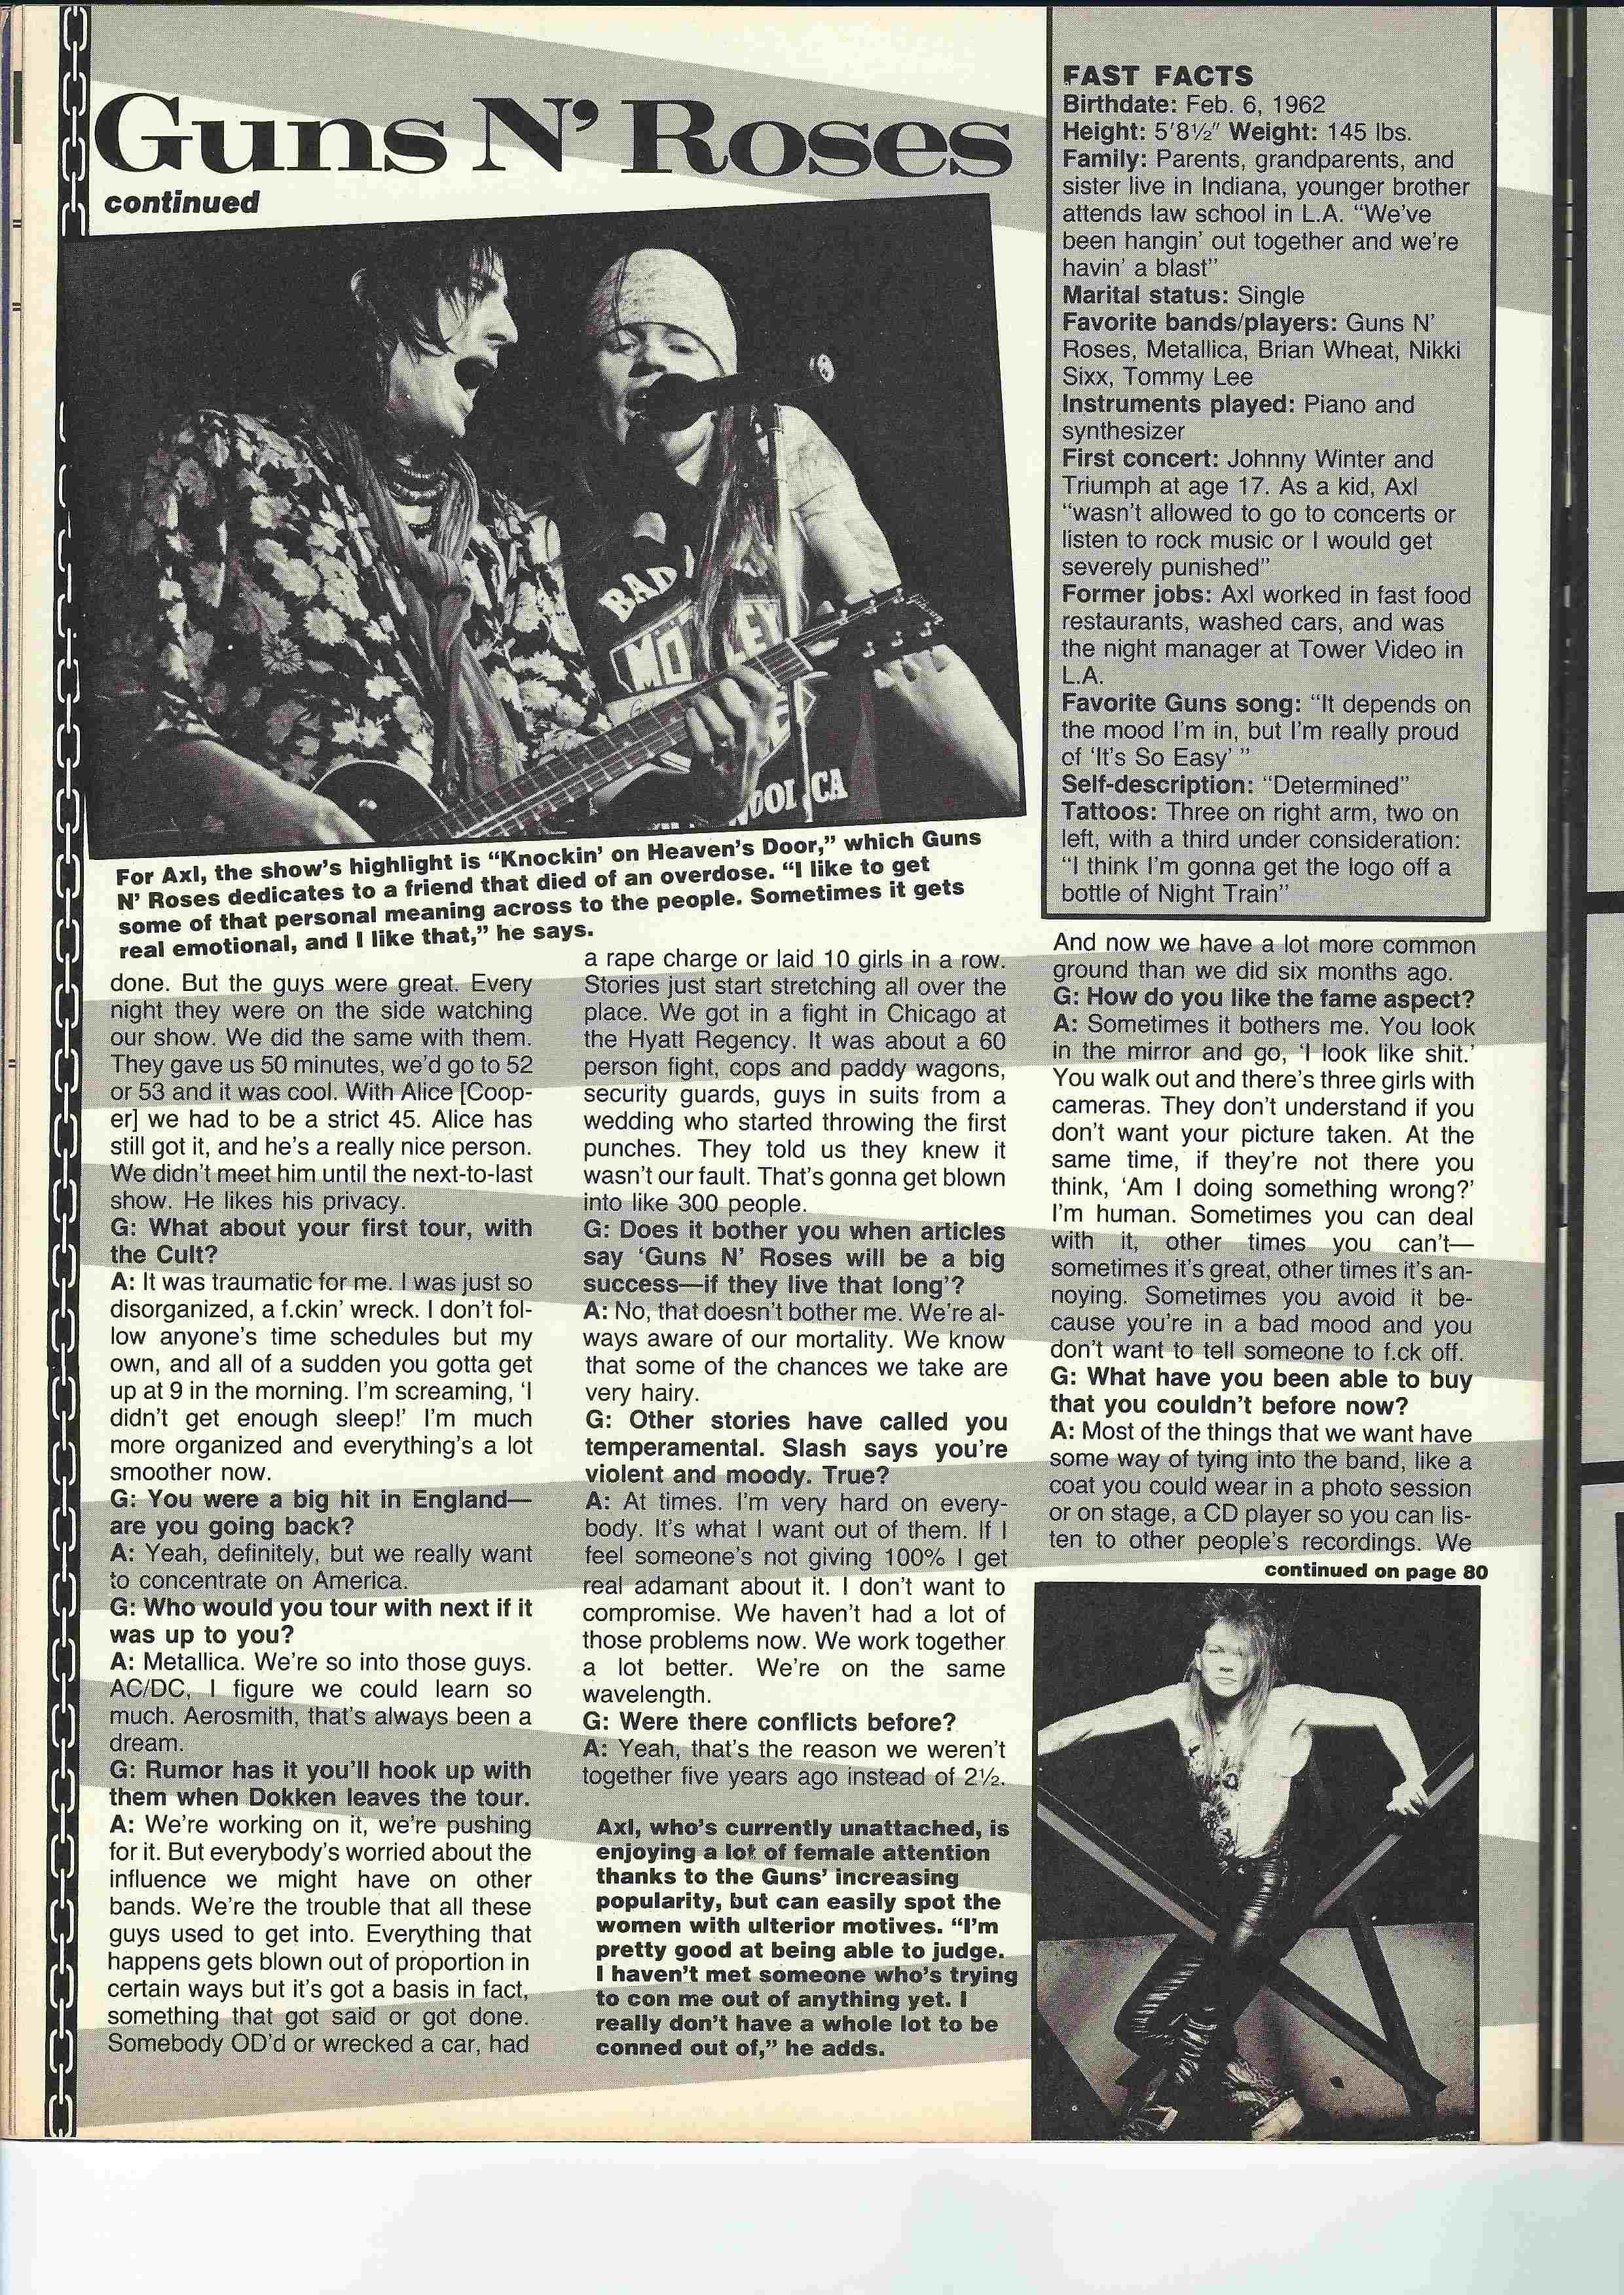 1988.06.DD - Metal Edge - Smokin' Guns N' Roses Interview (Axl) Scan0026